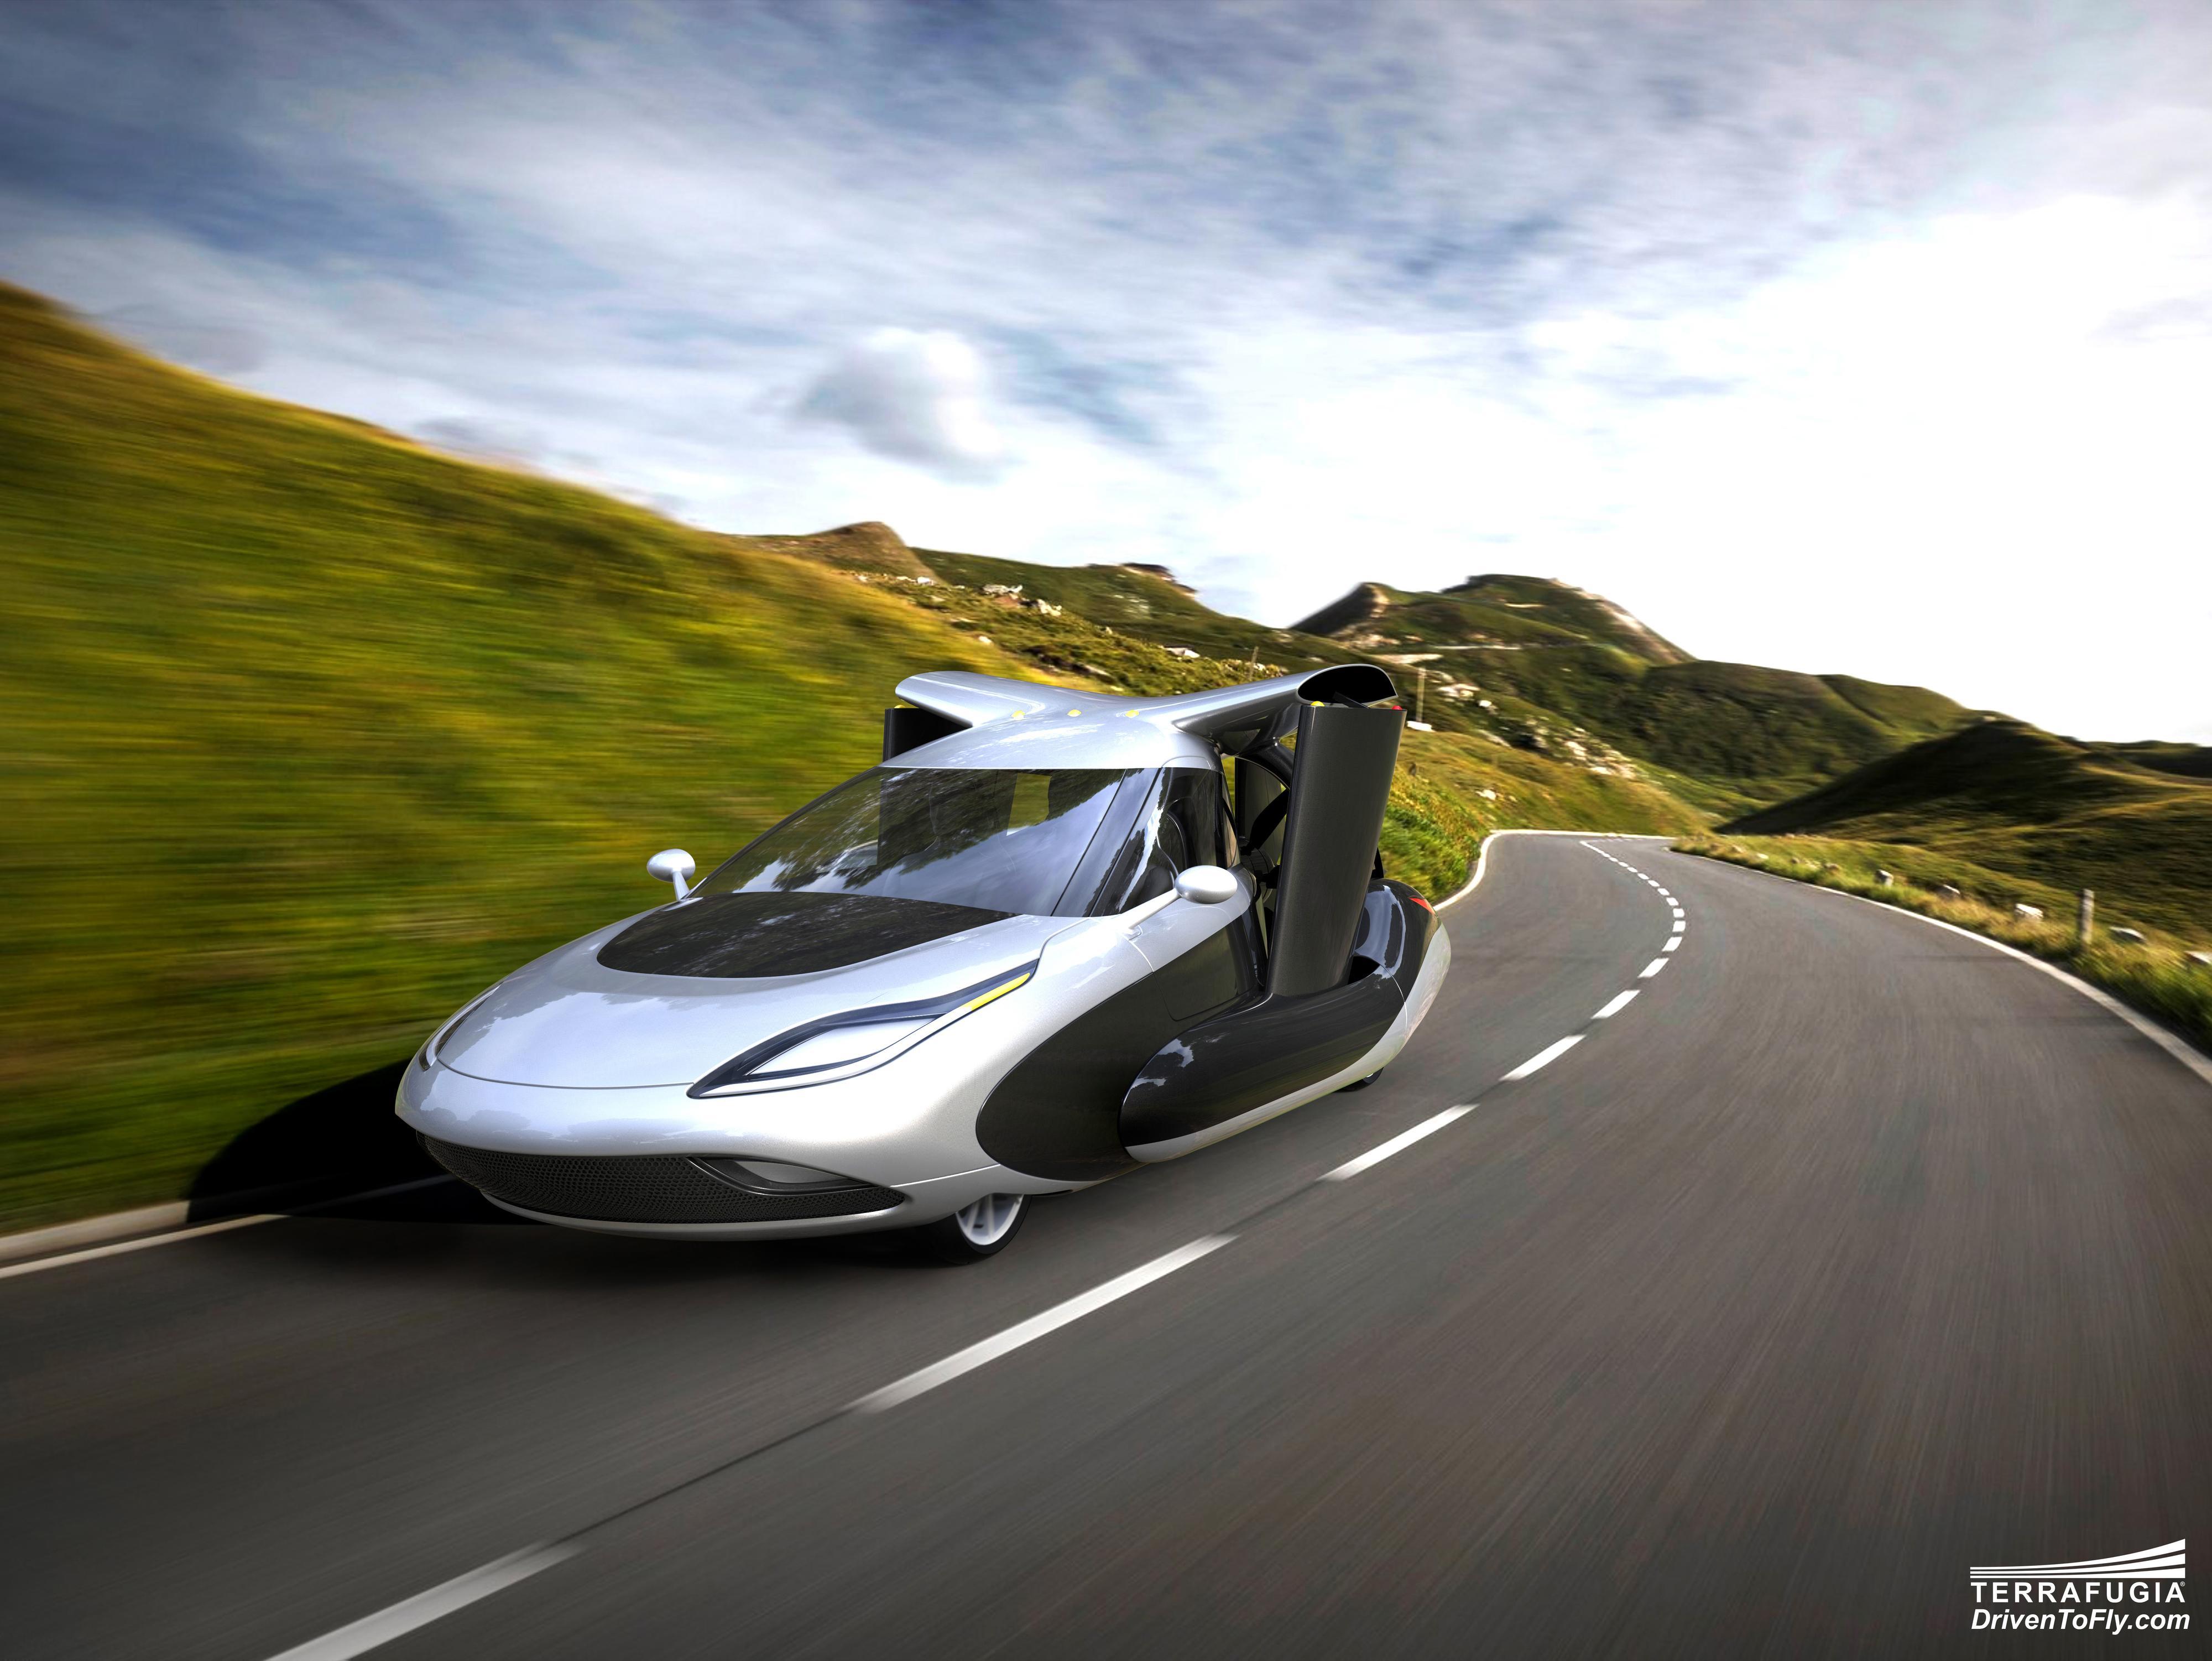 Bilen kan også kjøre på vanlige veier. Foto: Terrafugia